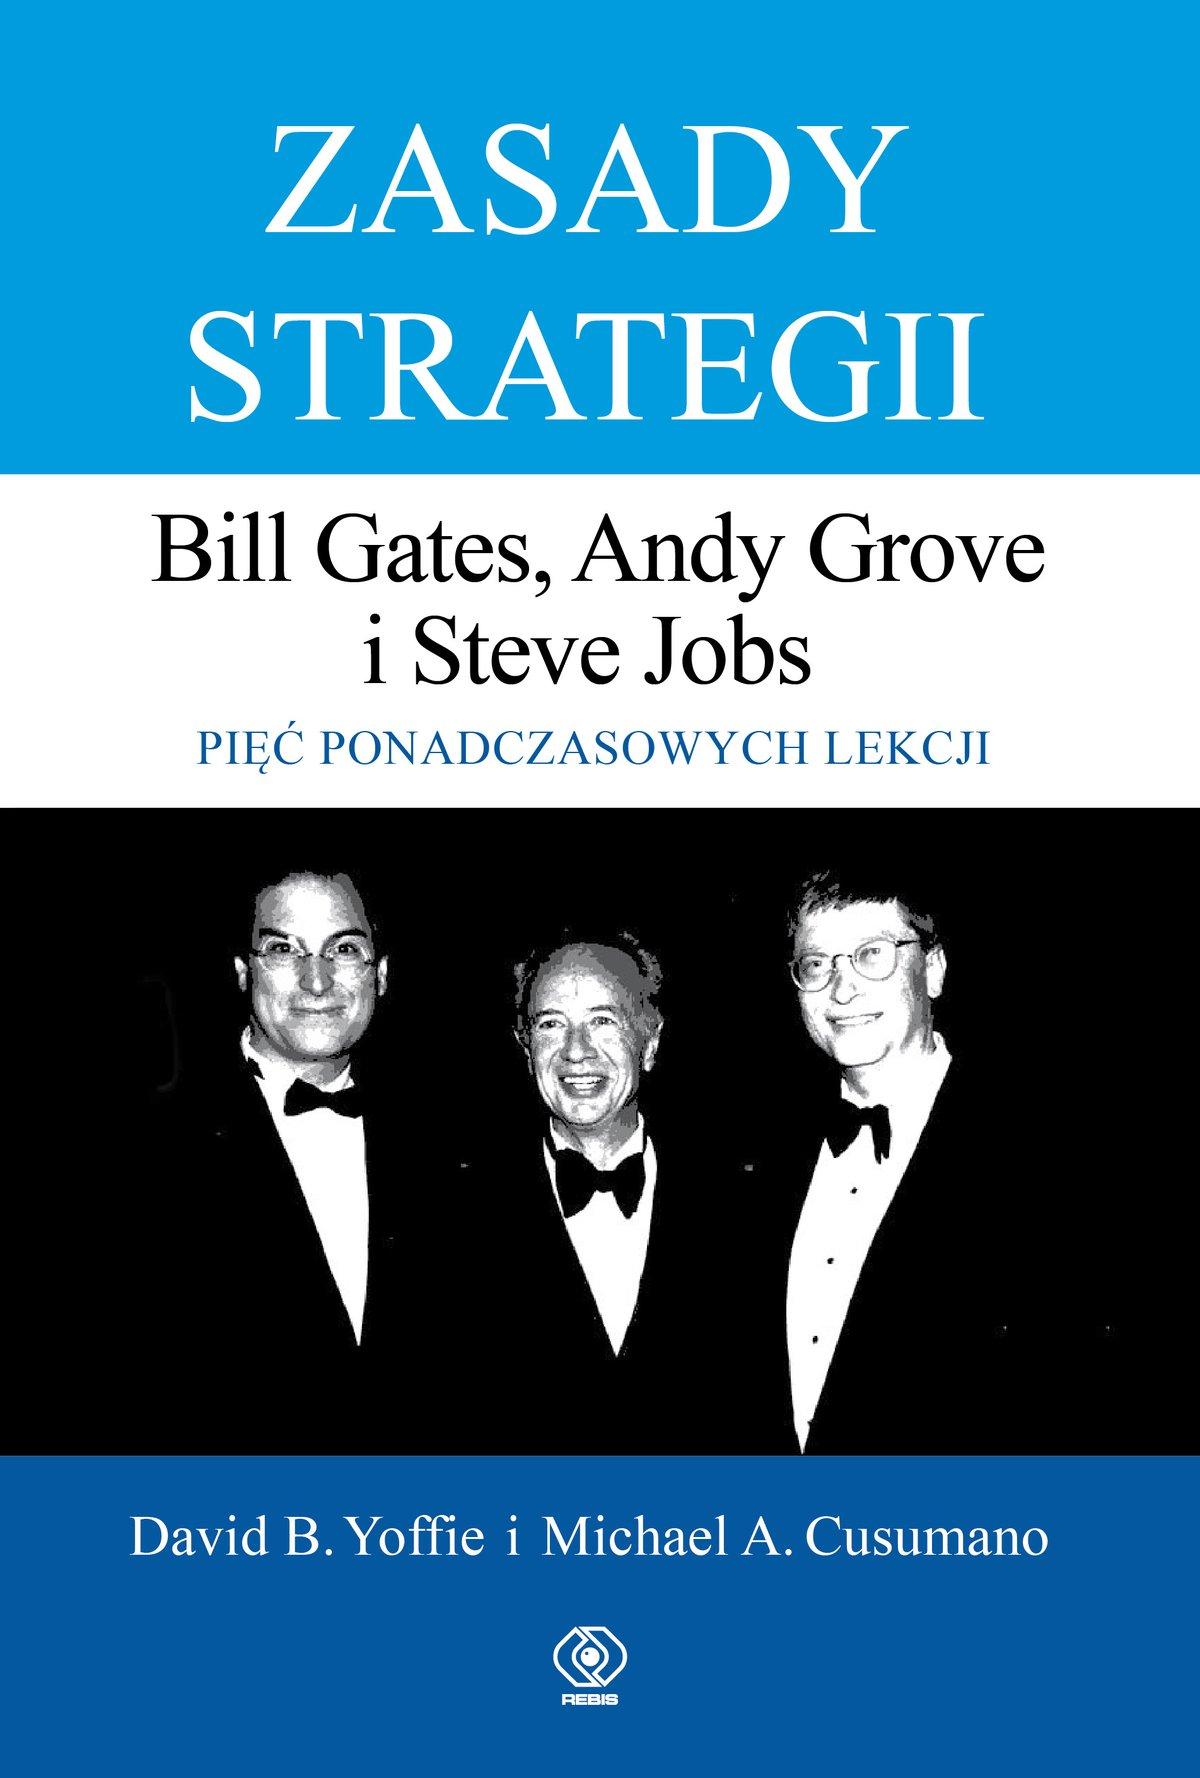 Zasady strategii - Ebook (Książka na Kindle) do pobrania w formacie MOBI